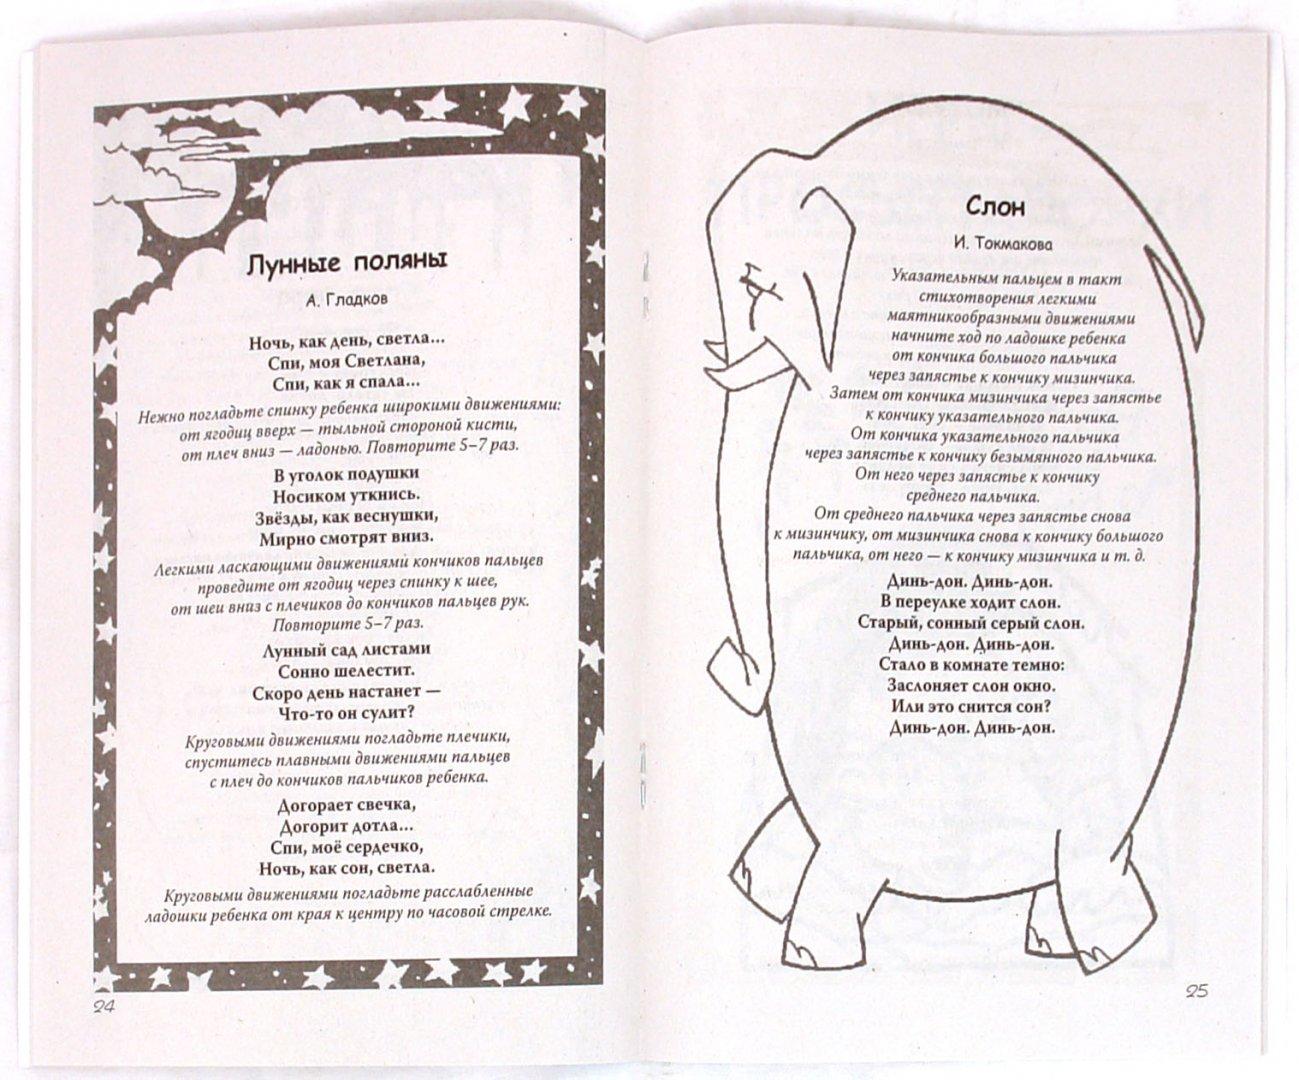 Иллюстрация 1 из 30 для Игры-усыплялочки, игры-просыпалочки. Комплекс успокаивающего массажа и пальчиковой гимнастики - Андрей Хвостовцев | Лабиринт - книги. Источник: Лабиринт